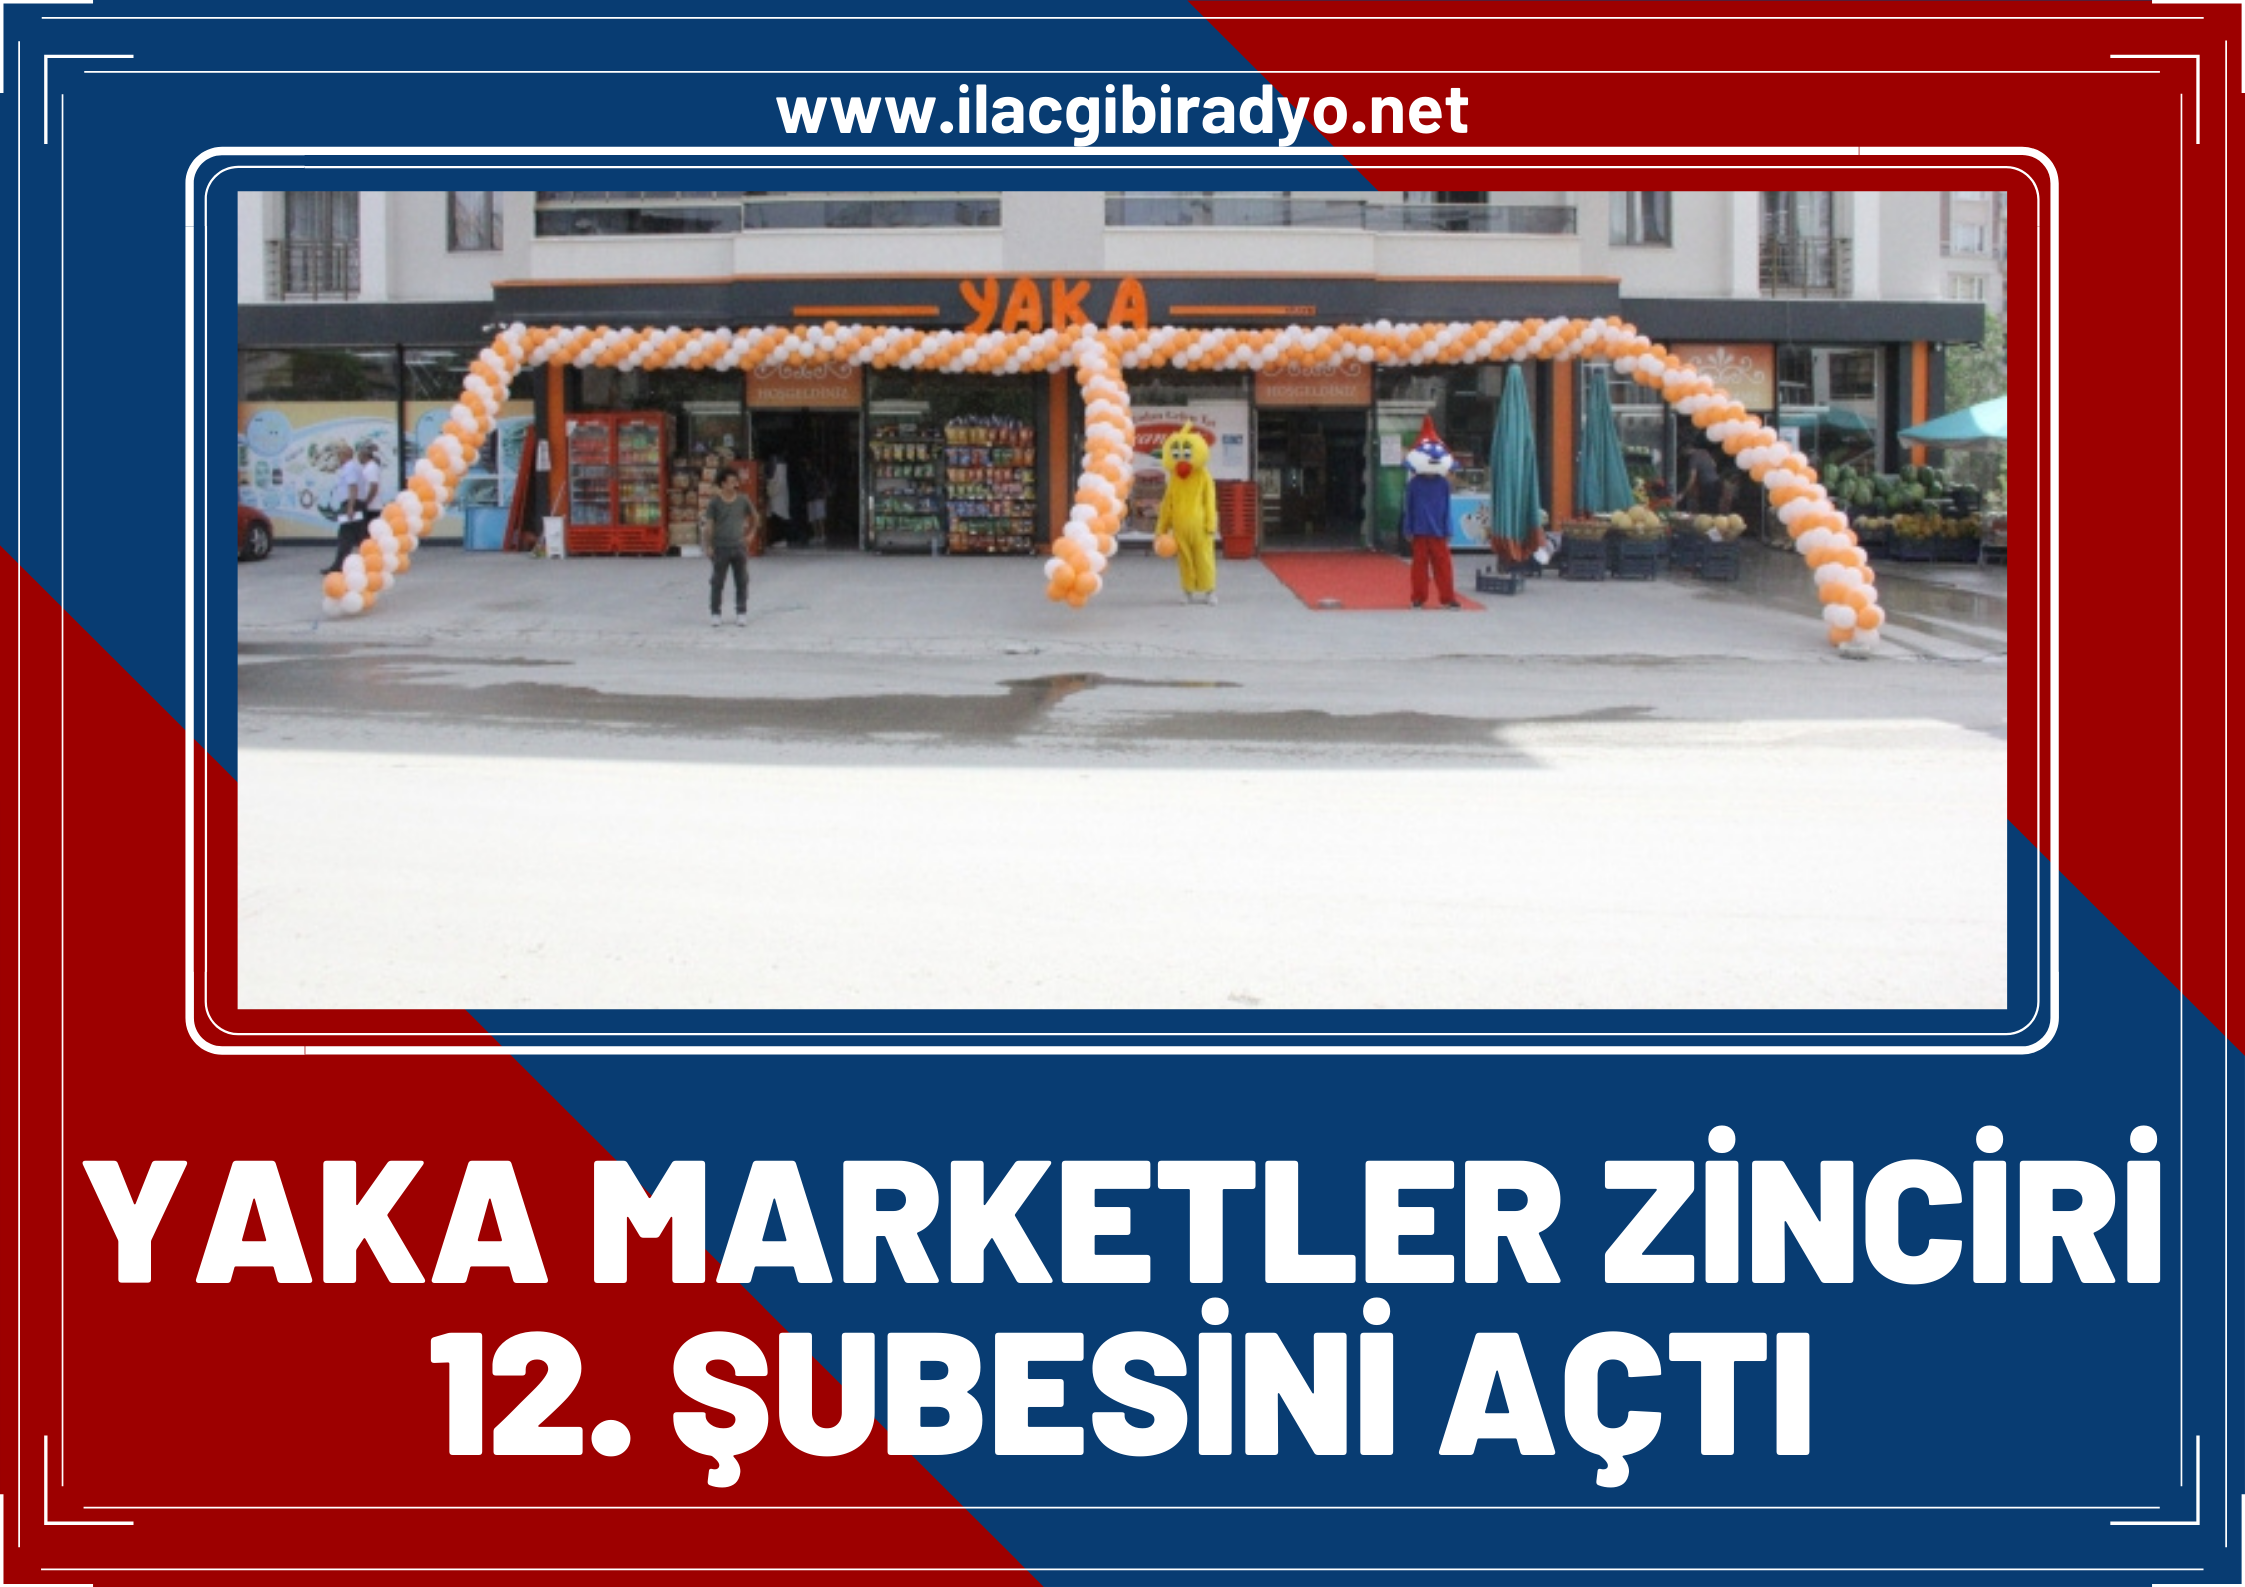 YAKA Marketler Zinciri Gölbaşı'nda 12. şubesini açtı